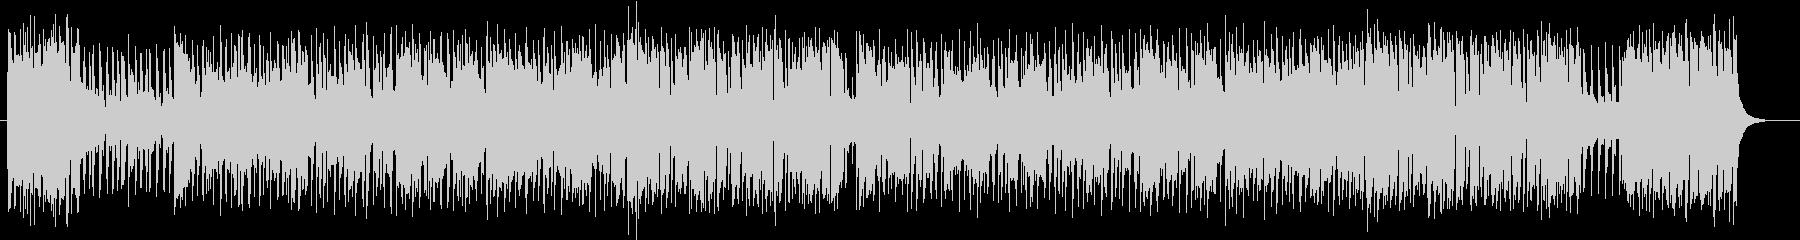 ミドルテンポの爽やかな2分OP曲の未再生の波形